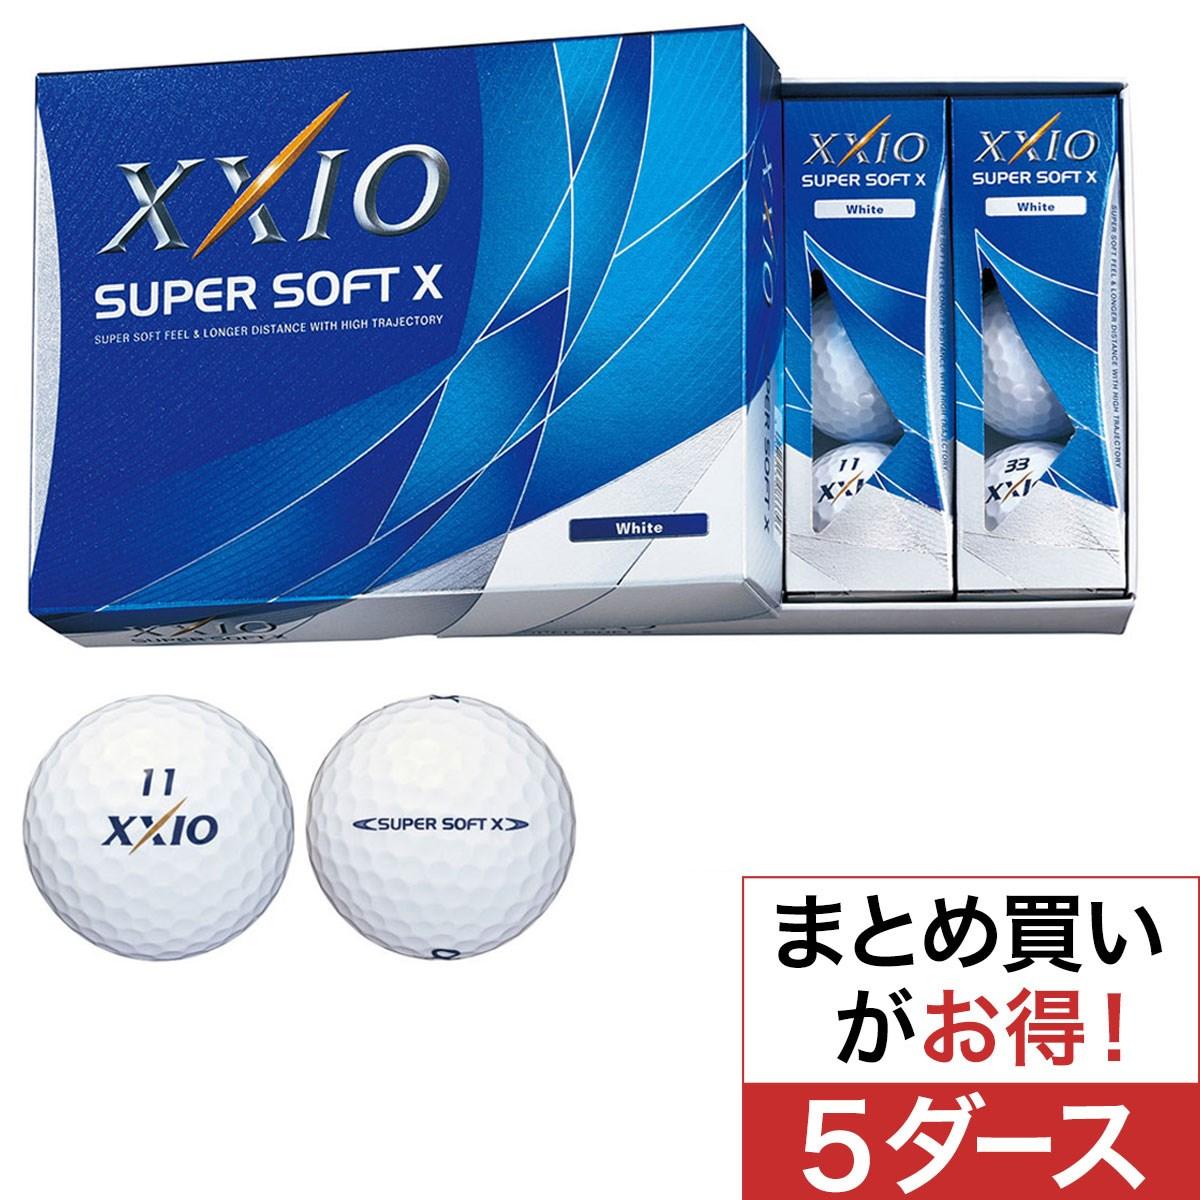 ダンロップ(DUNLOP) ゼクシオ SUPER SOFT X 5ダースセット